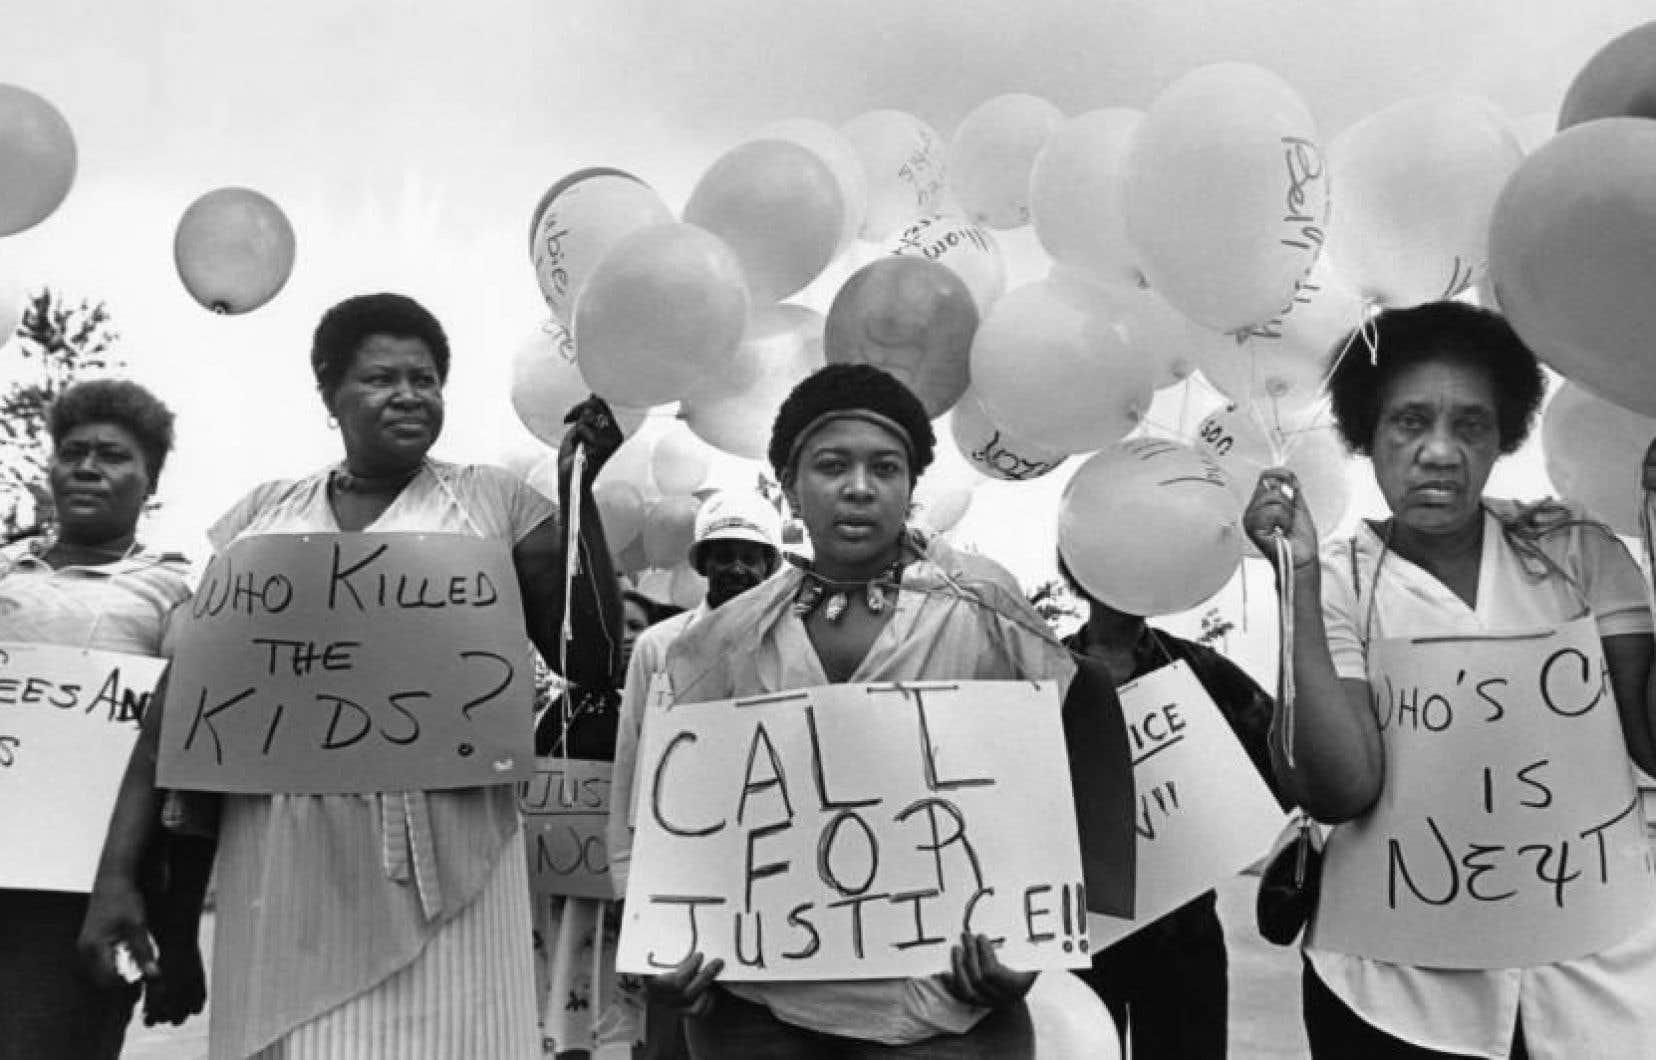 Il y a un peu plus d'un an, la mairesse d'Atlanta annonçait aux médias que les enquêtes pour les meurtres d'une trentaine d'enfants afro-américains assassinés entre 1979 et 1981 étaient rouvertes.